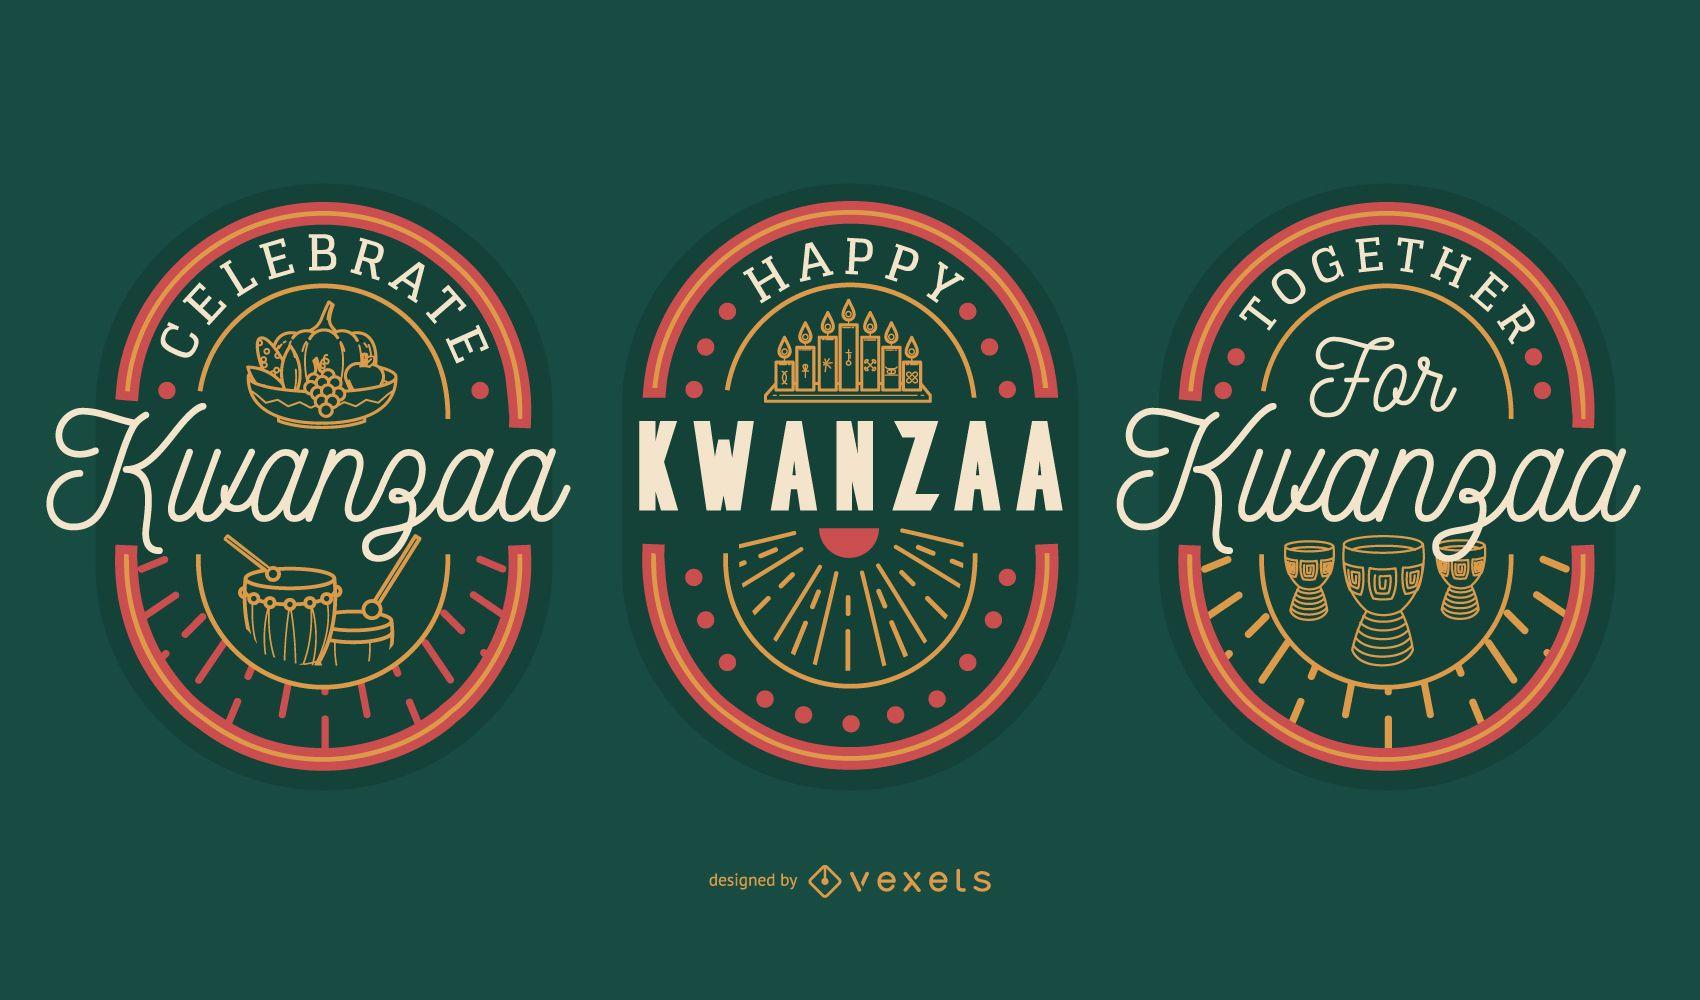 Kwanzaa editable badges